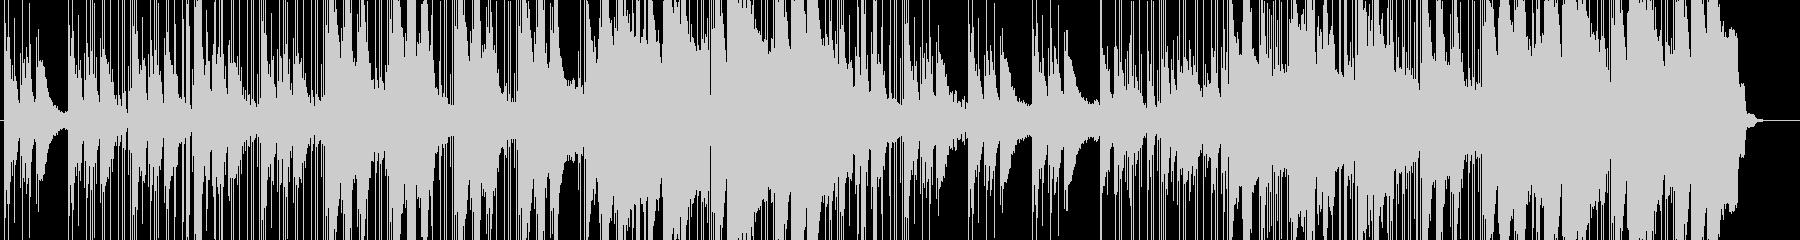 ピアノを使ったヒップホップの未再生の波形